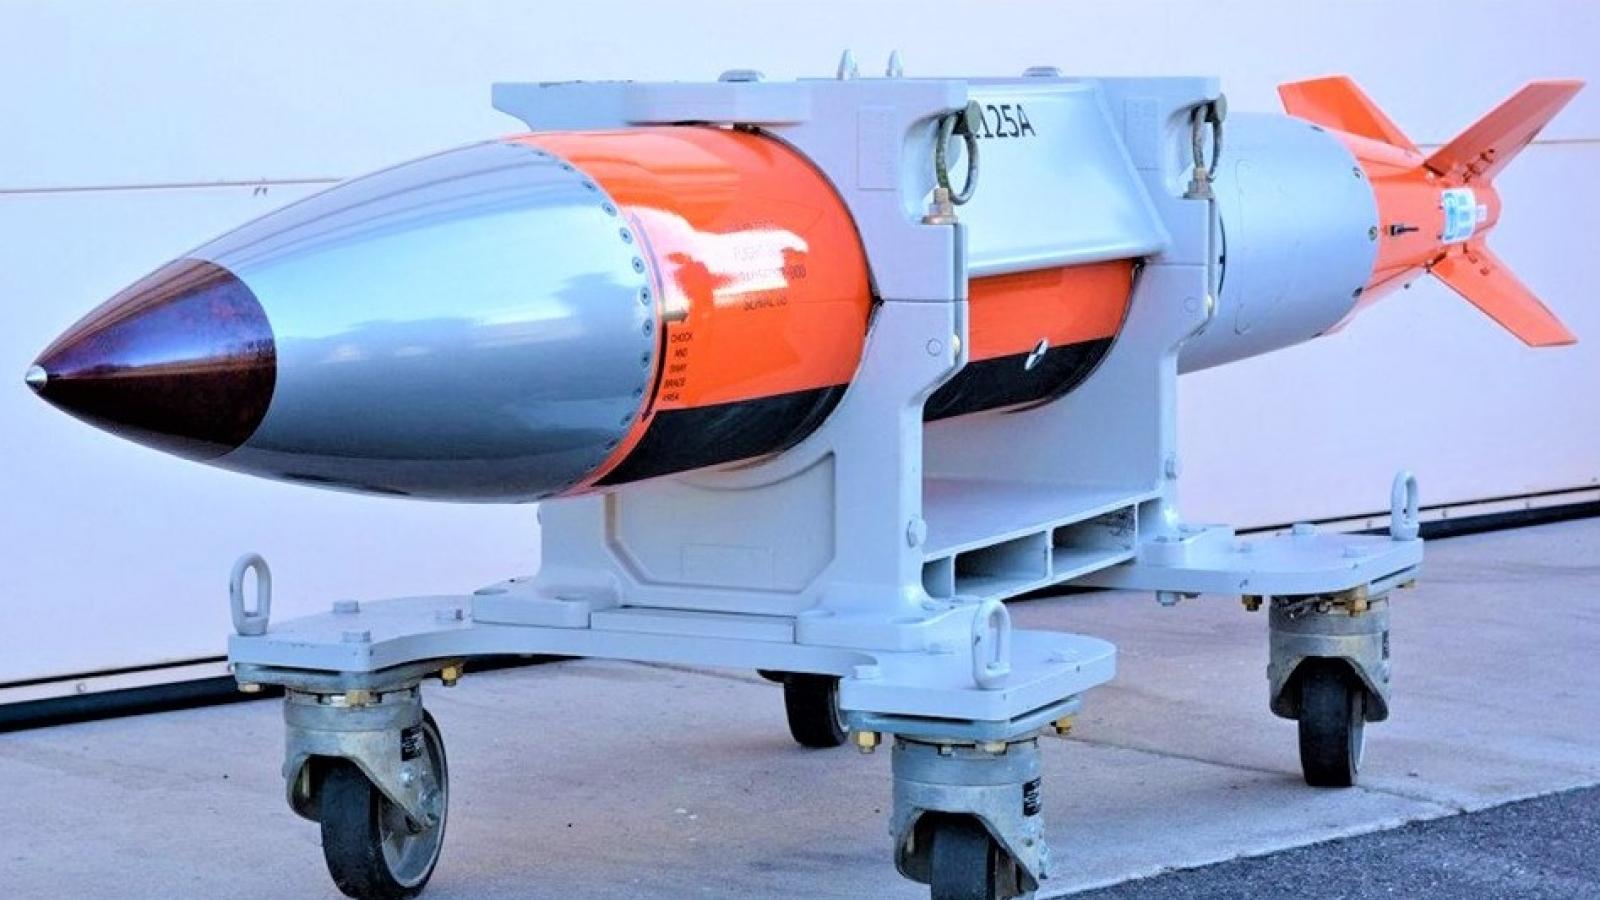 Mỹ bí mật rút vũ khí hạt nhân khỏi châu Âu?